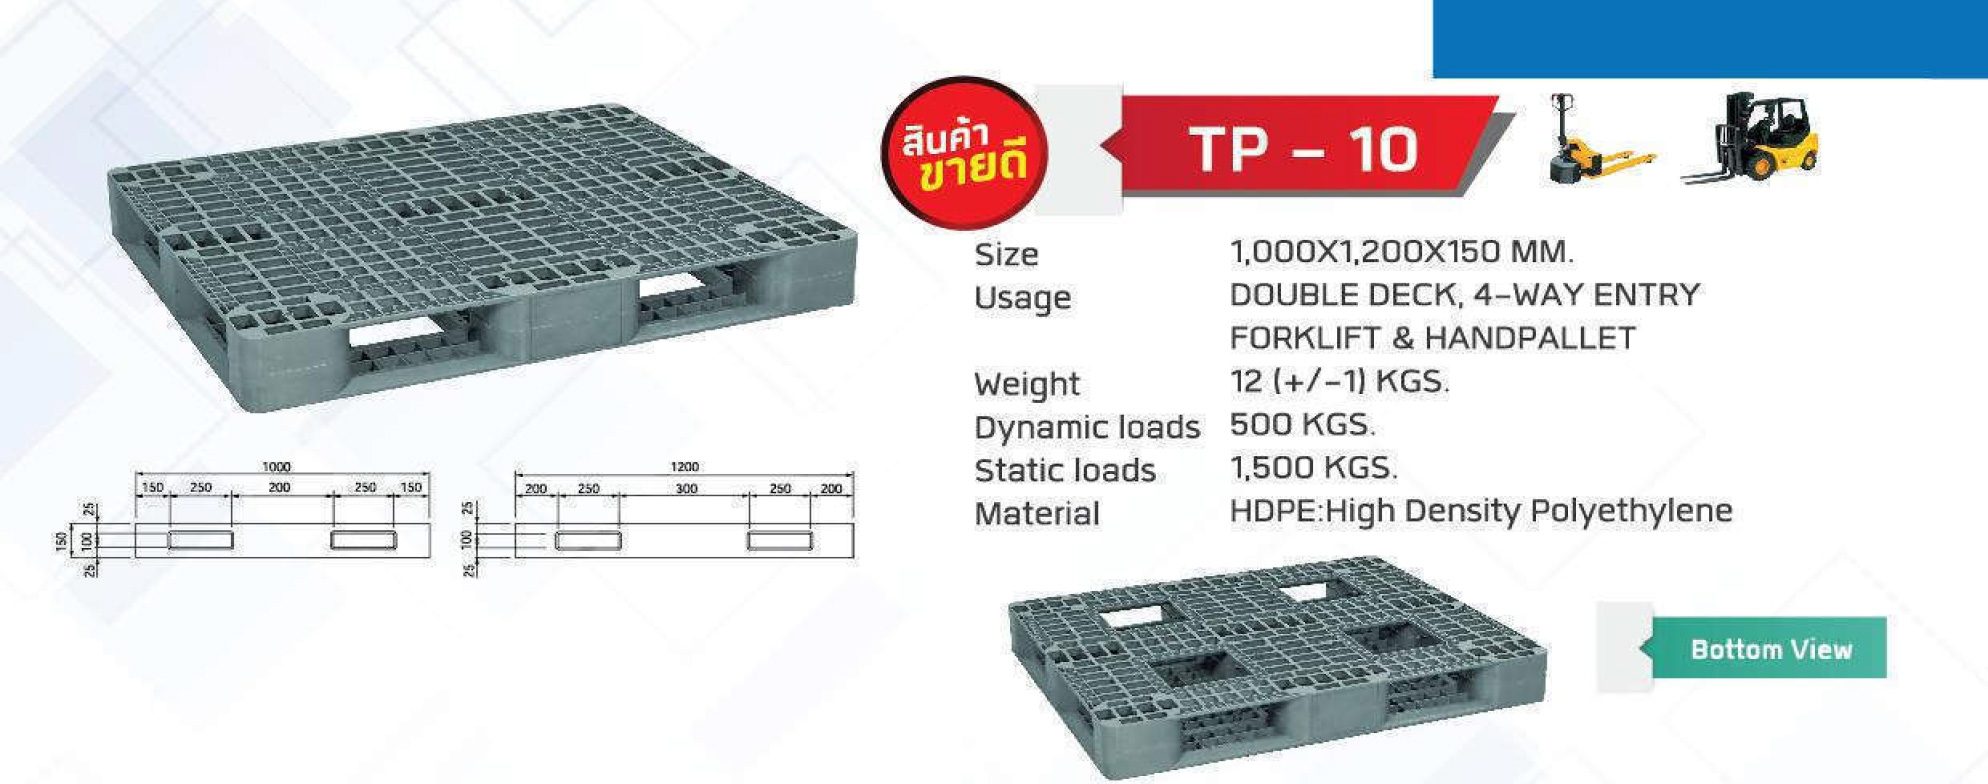 Light-Weight-pallet-TP-10